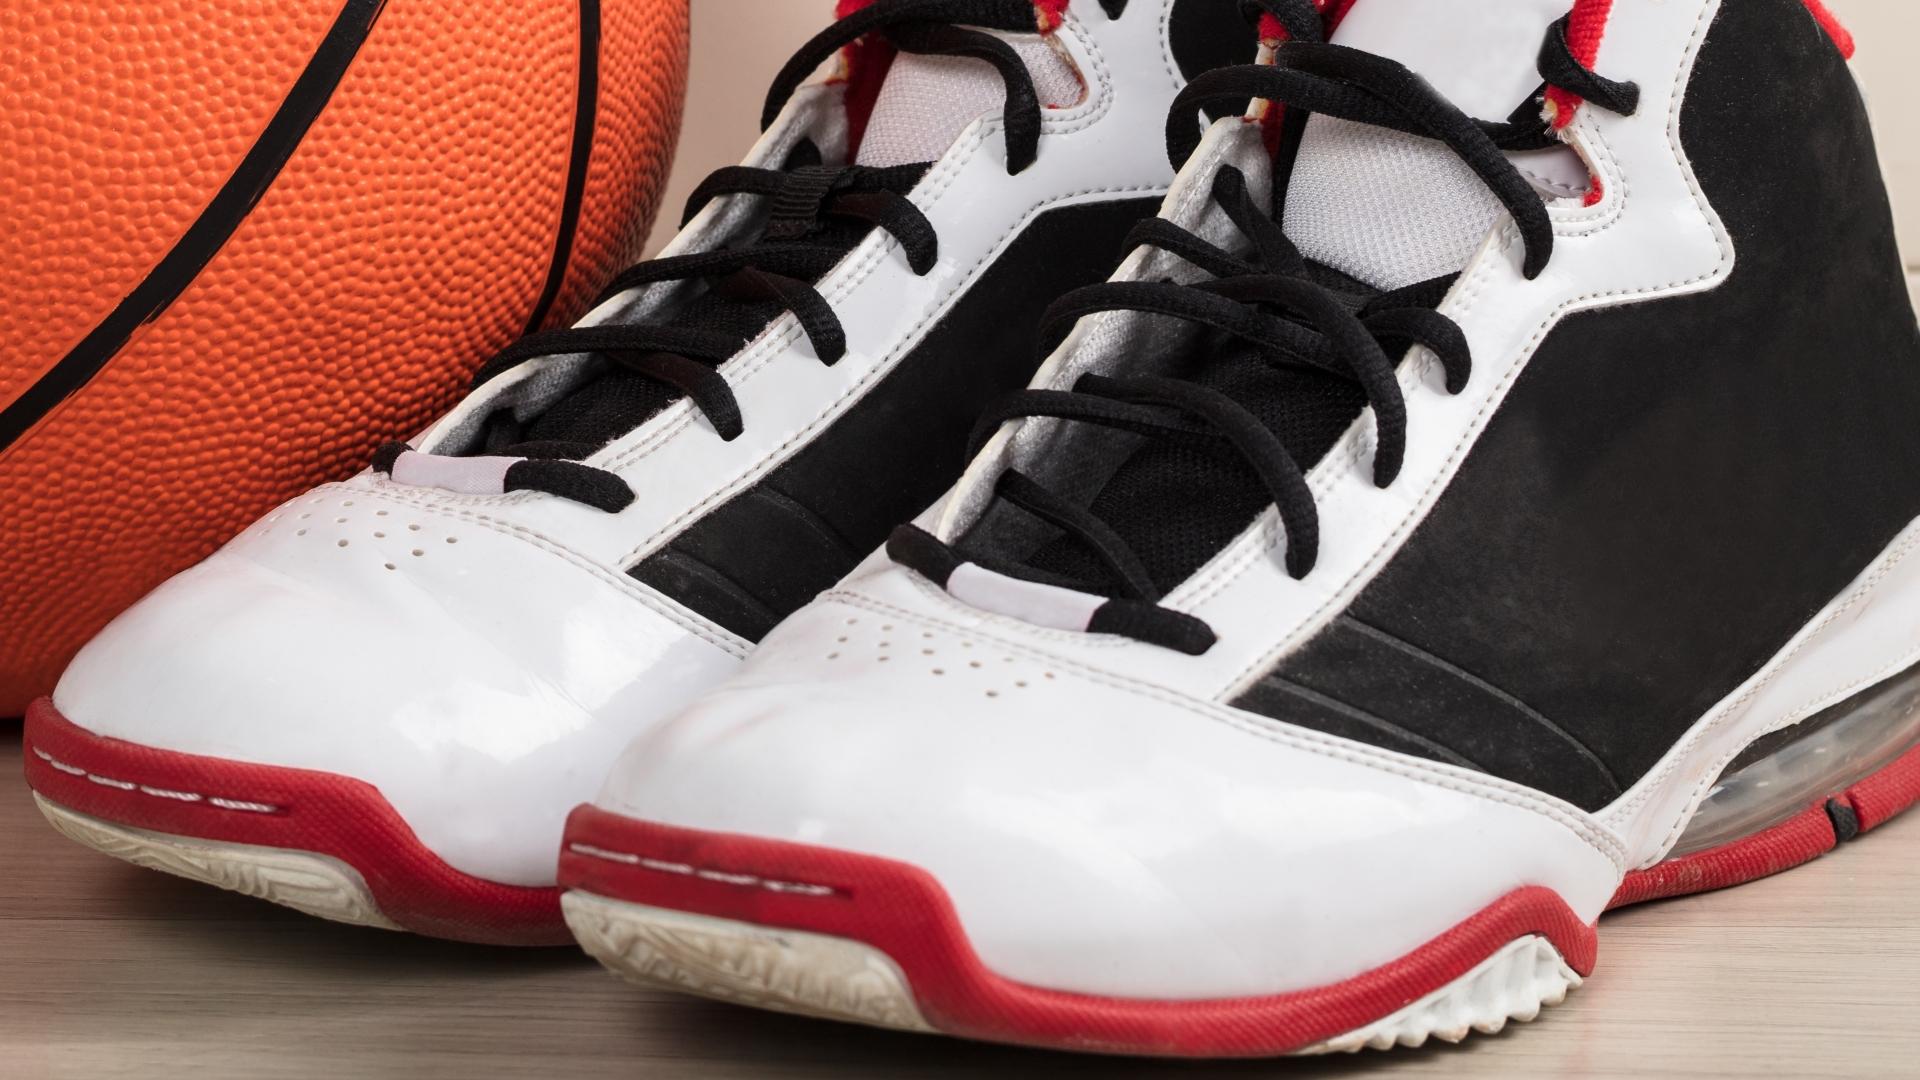 Basketbalschoenen: Wat zijn de beste basketbalschoenen van 2021?